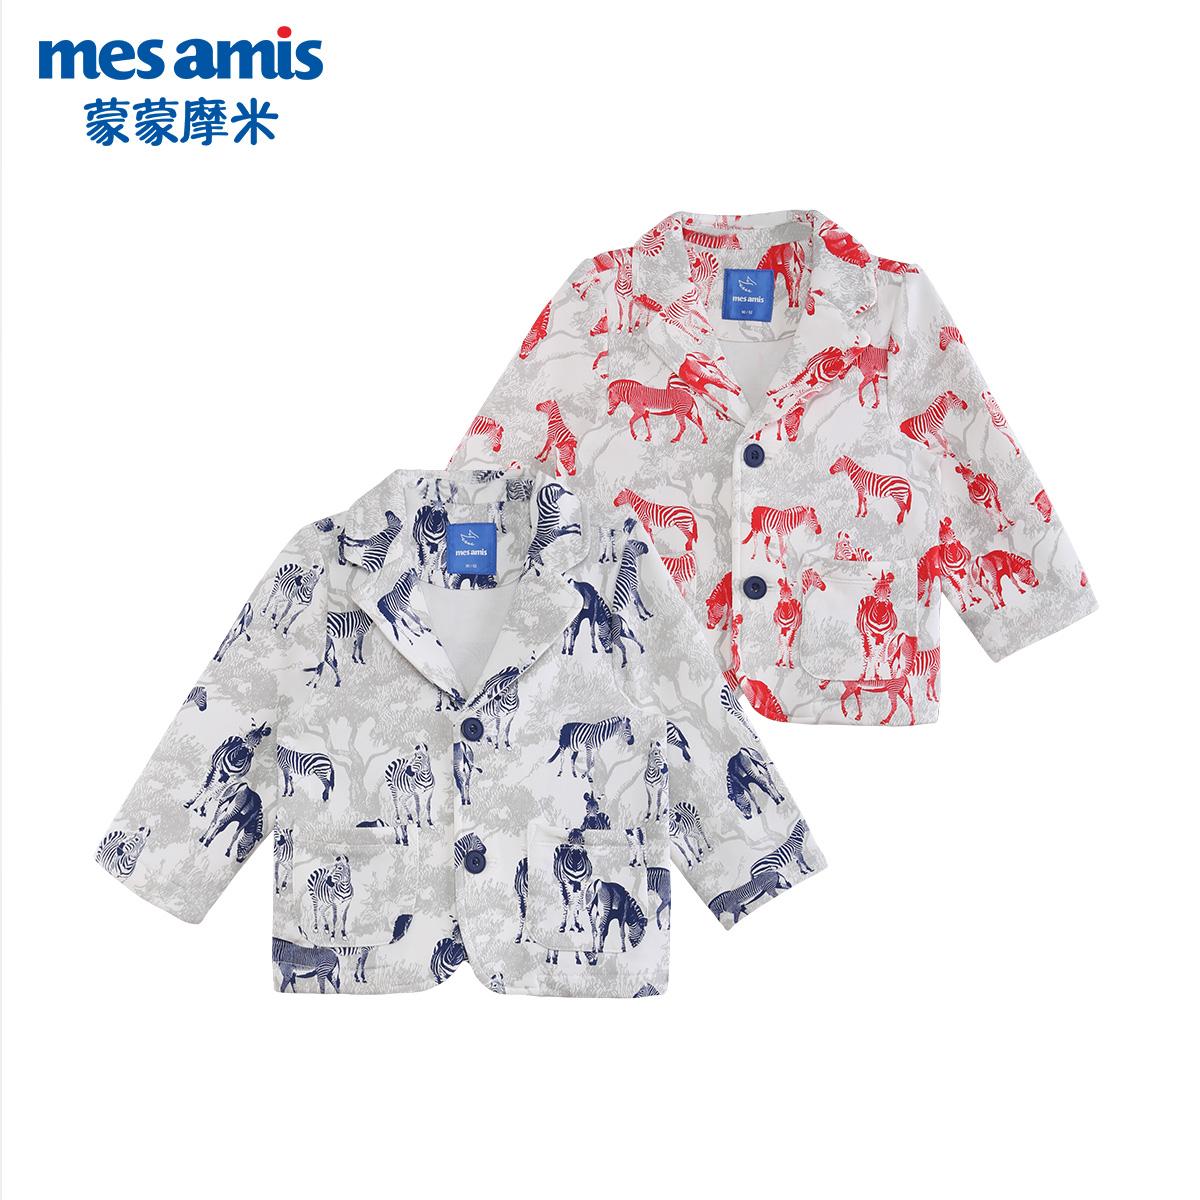 蒙蒙摩米童装儿童外套春装新款小男童休闲西装宝宝上衣服潮1-3岁